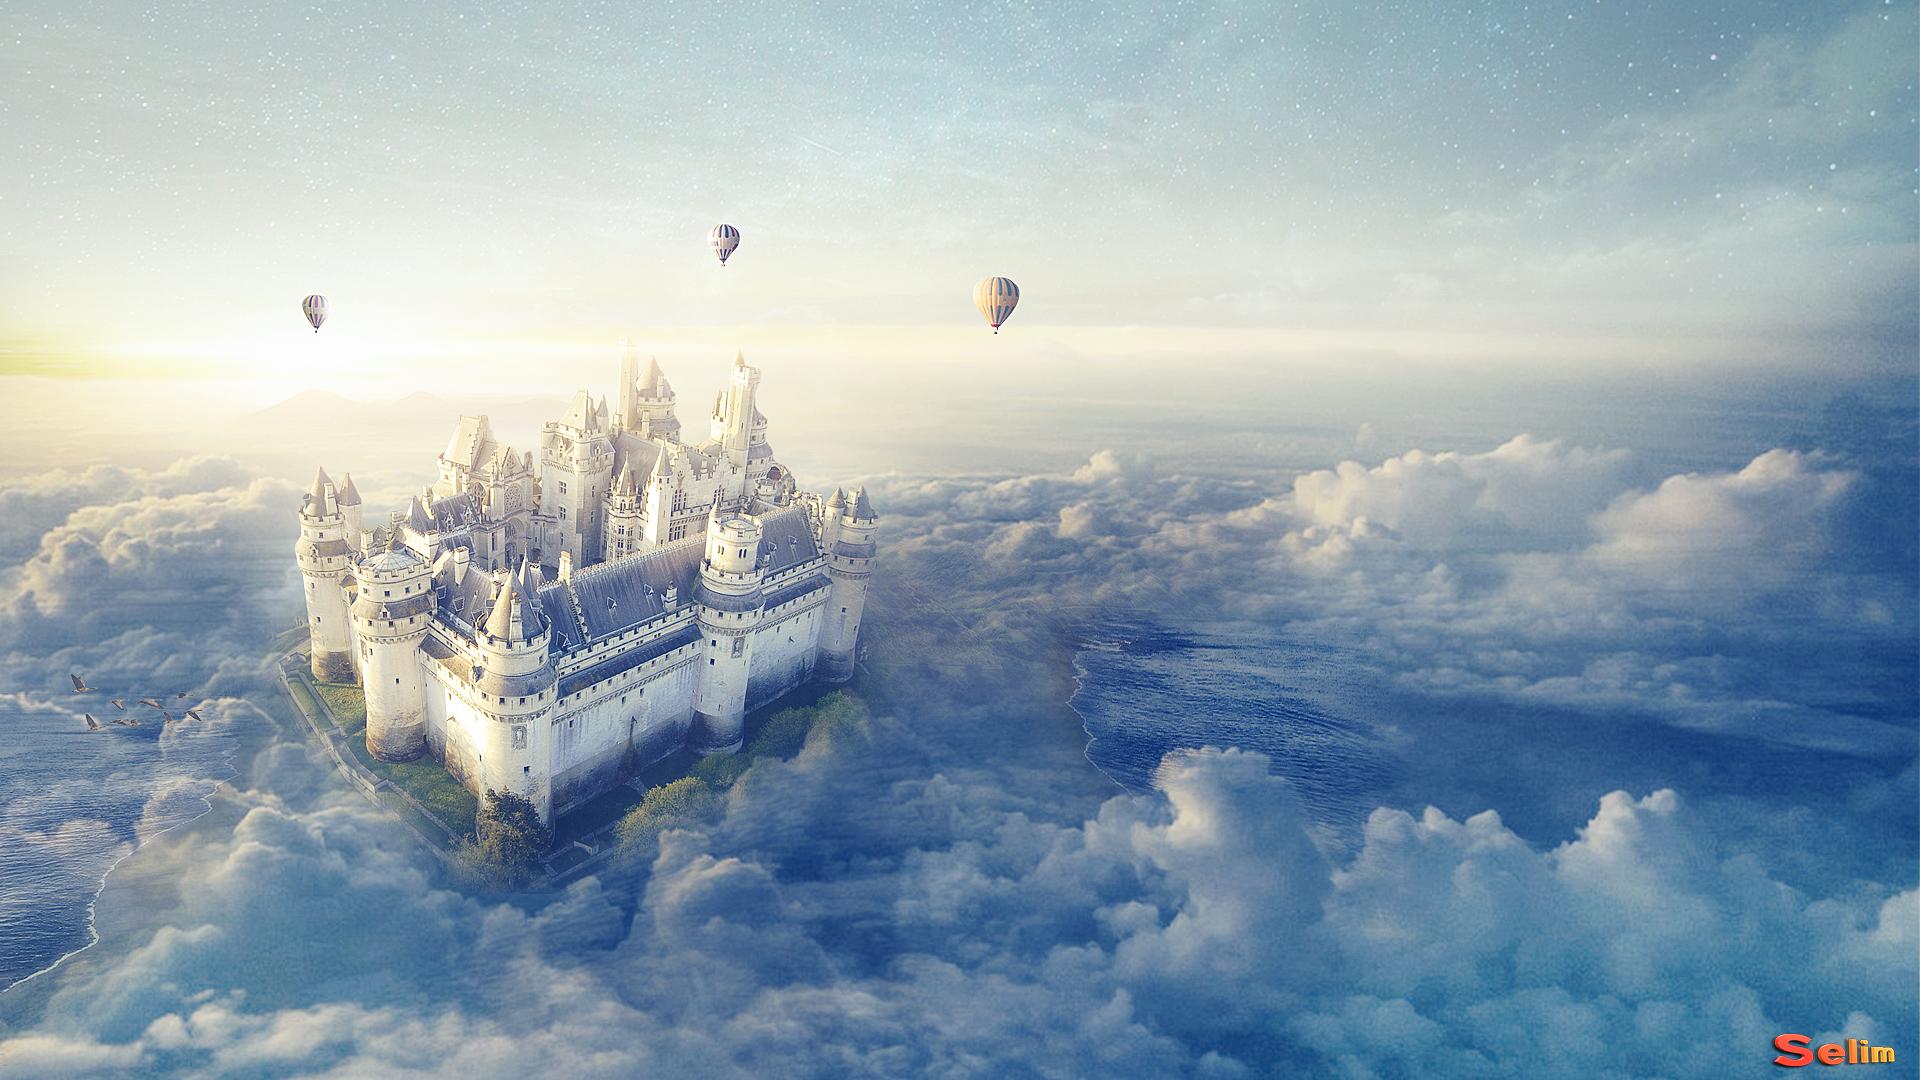 Un Chateau Dans Les Nuages fond d'écran : ballon, château, nuage, fantastique, mer